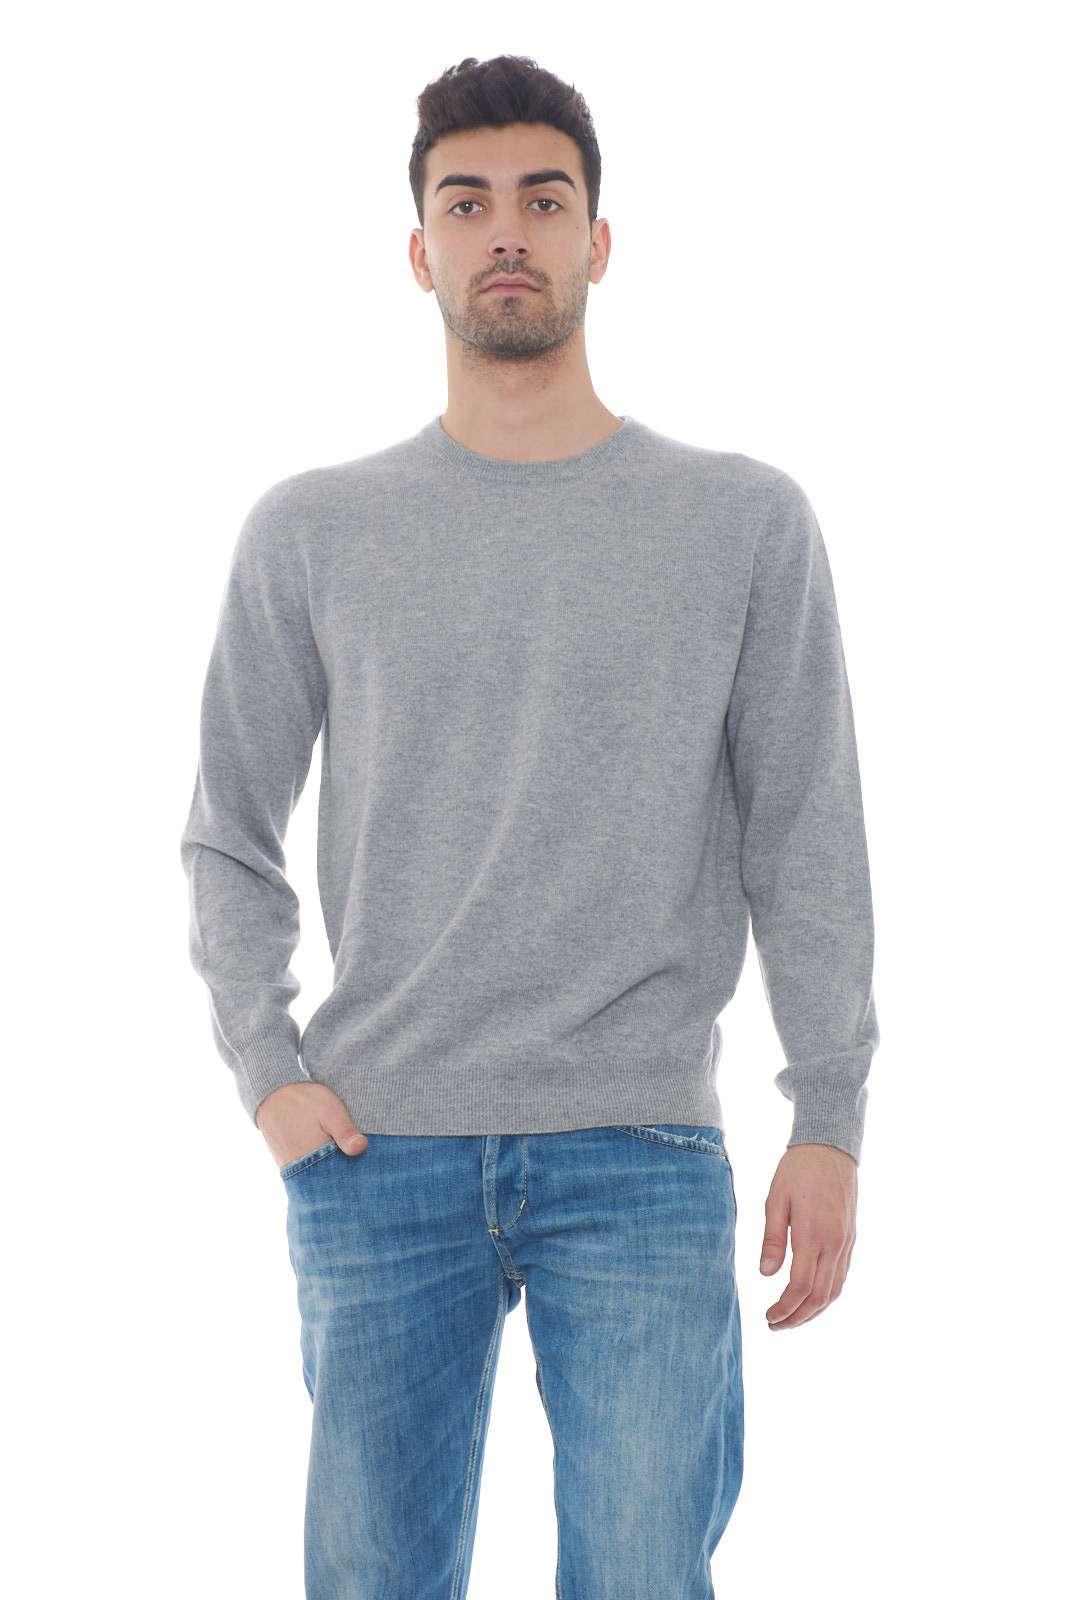 Un capo che nella sua semplicità racchiude stile e classe. Realizzato al 100% in puro cashmere, sarà l'ideale per le serate primaverili, dove abinato ad un jeans, creerà outfit moderni e giovanili. Il modello è alto 1.80m e indossa la taglia M.